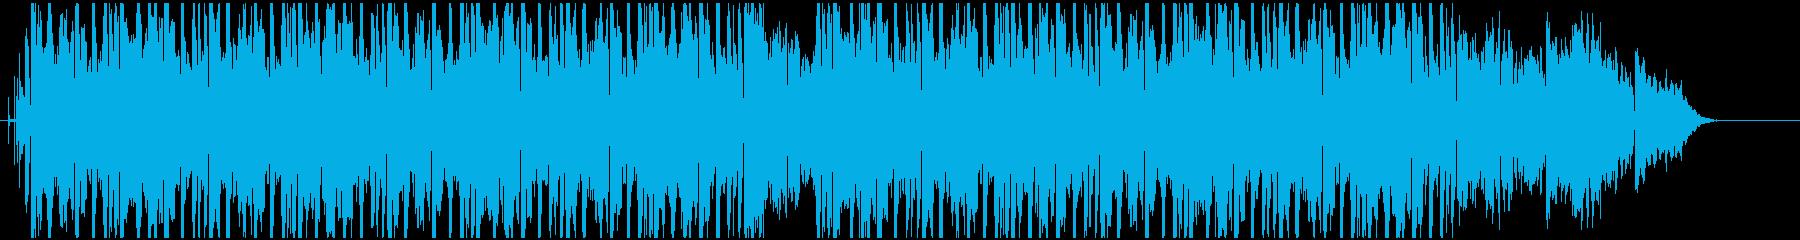 アンビエント・ヒーリング系ヒップホップの再生済みの波形